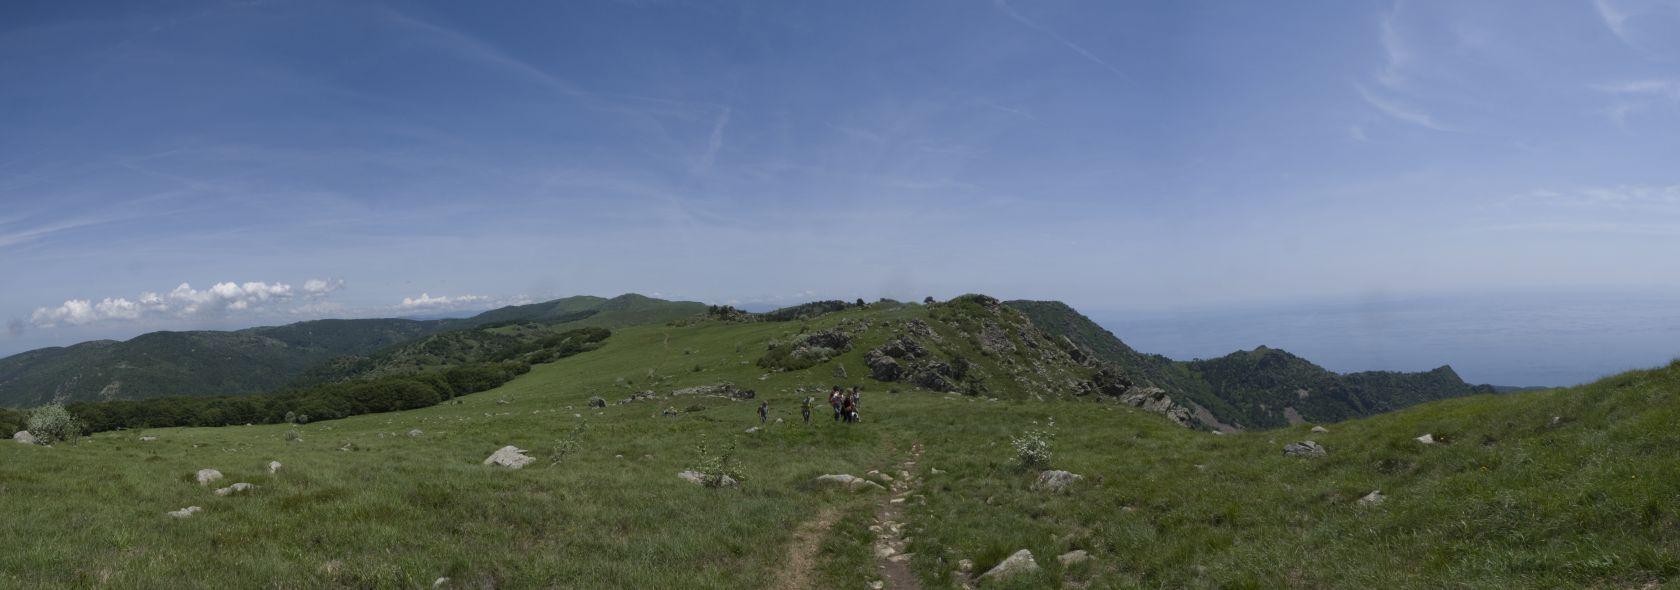 Alta Via verso passo del Faiallo - foto E. Monaci